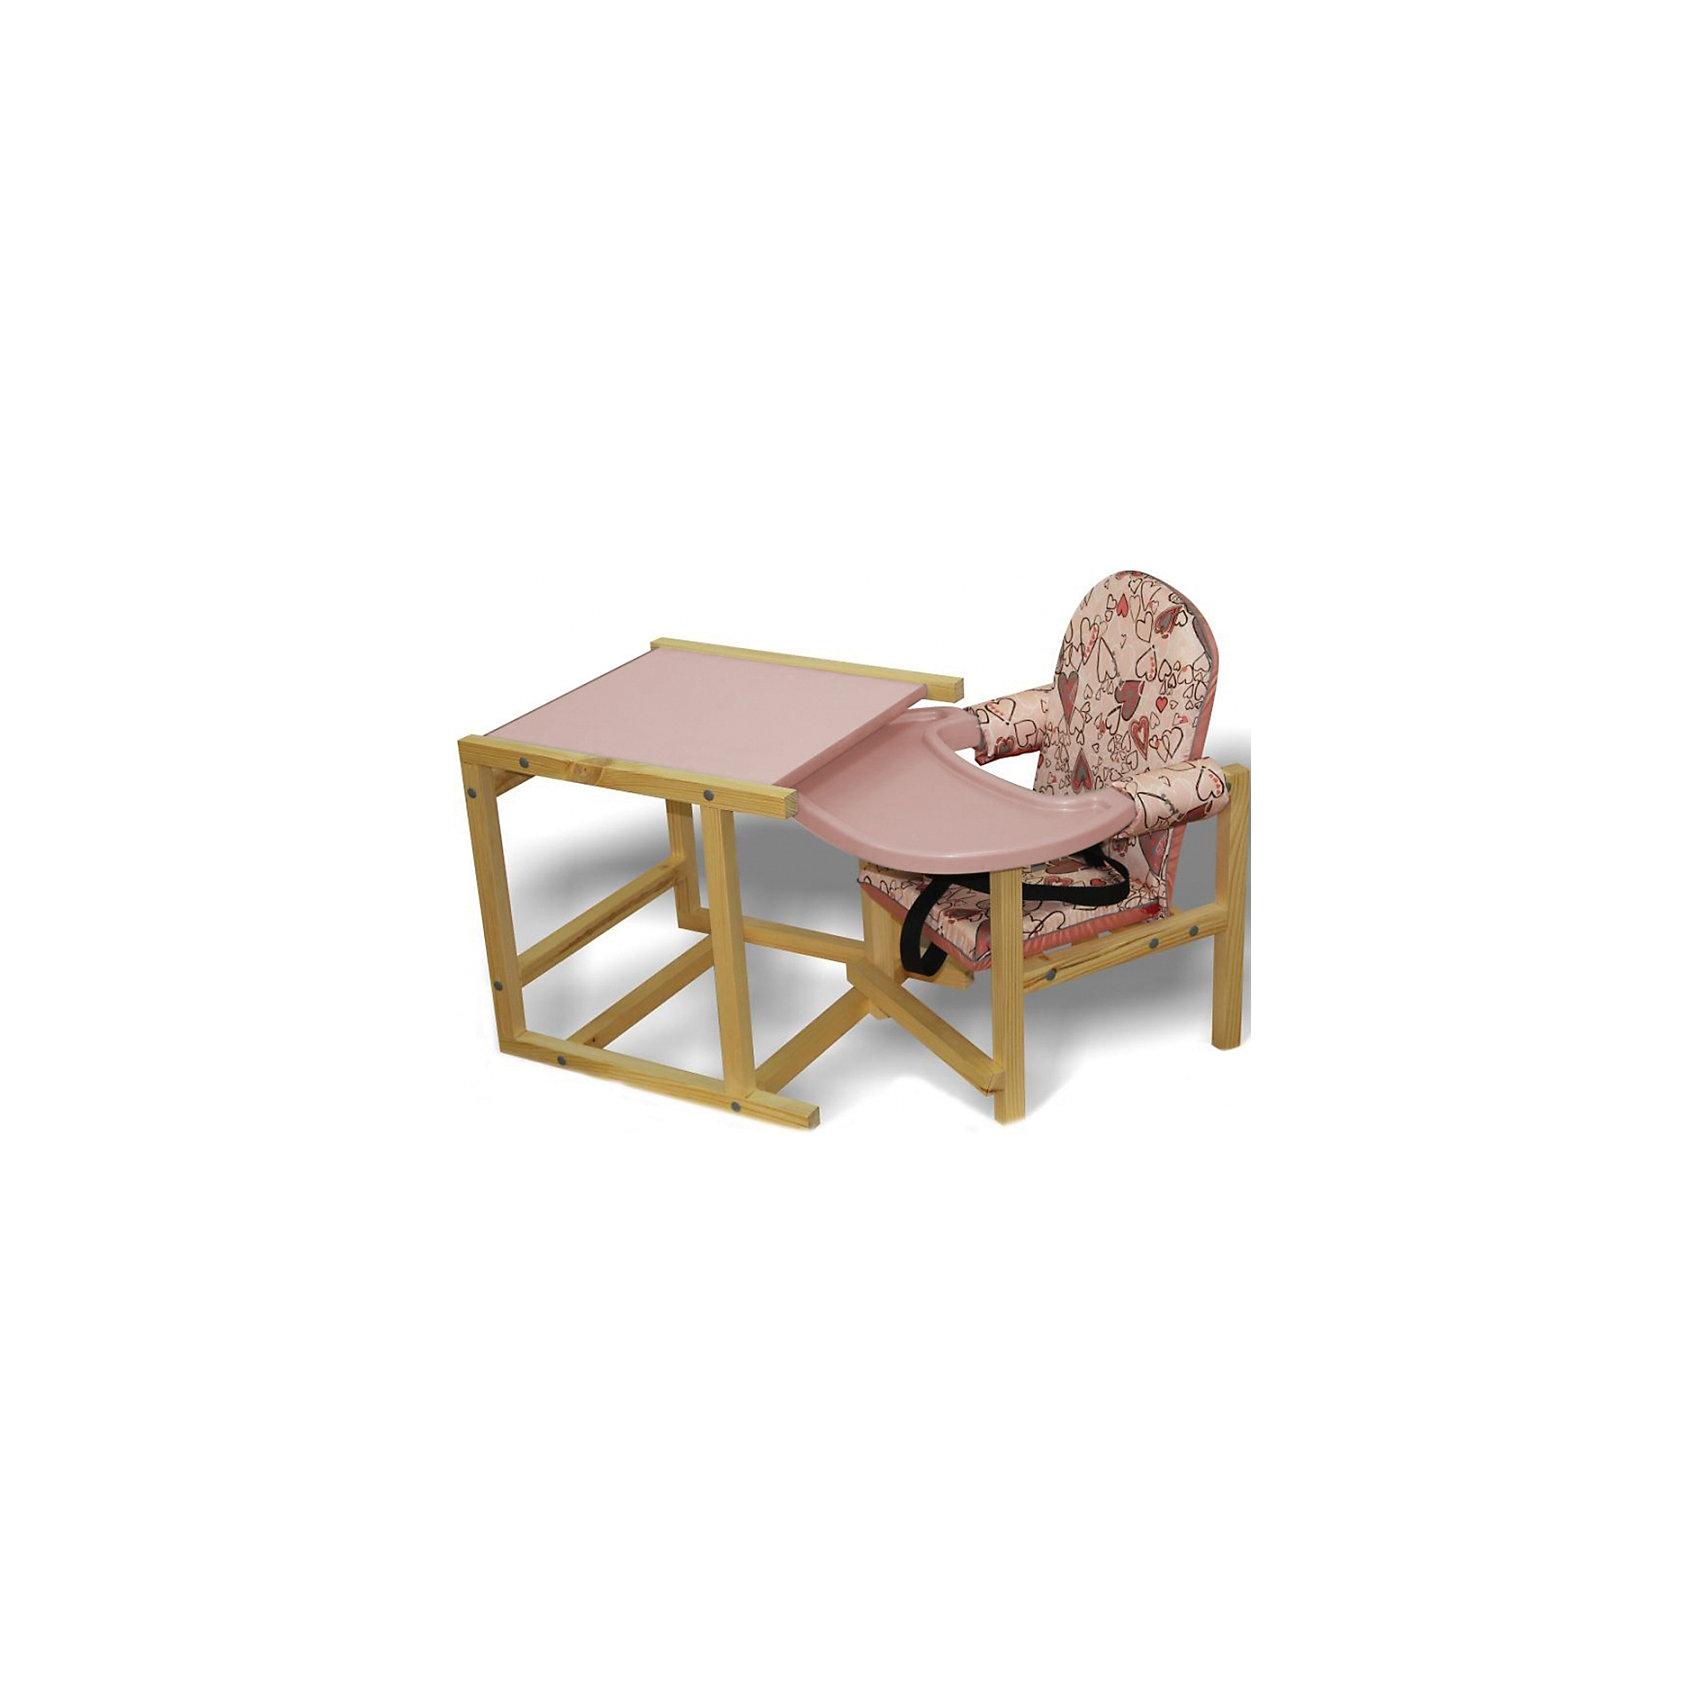 Стульчик-трансформер СТД 07, Вилт, розовый